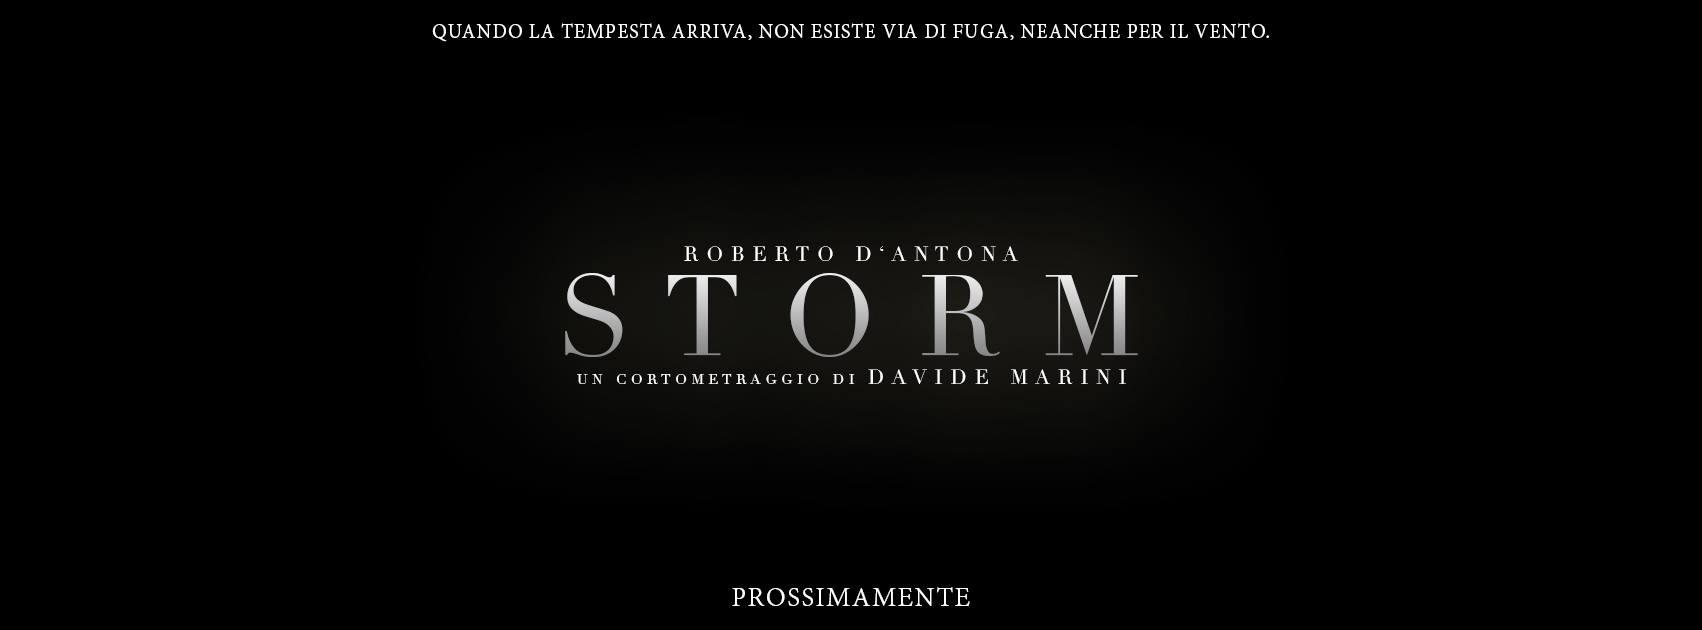 Claustrofobico, asfissiante, cupo. Questi sono i primi aggettivi che mi vengono in mente guardando Storm, ultimo cortometraggio scritto, diretto e prodotto da Davide Marini. Il cast è ridotto all'osso, abbiamo […]